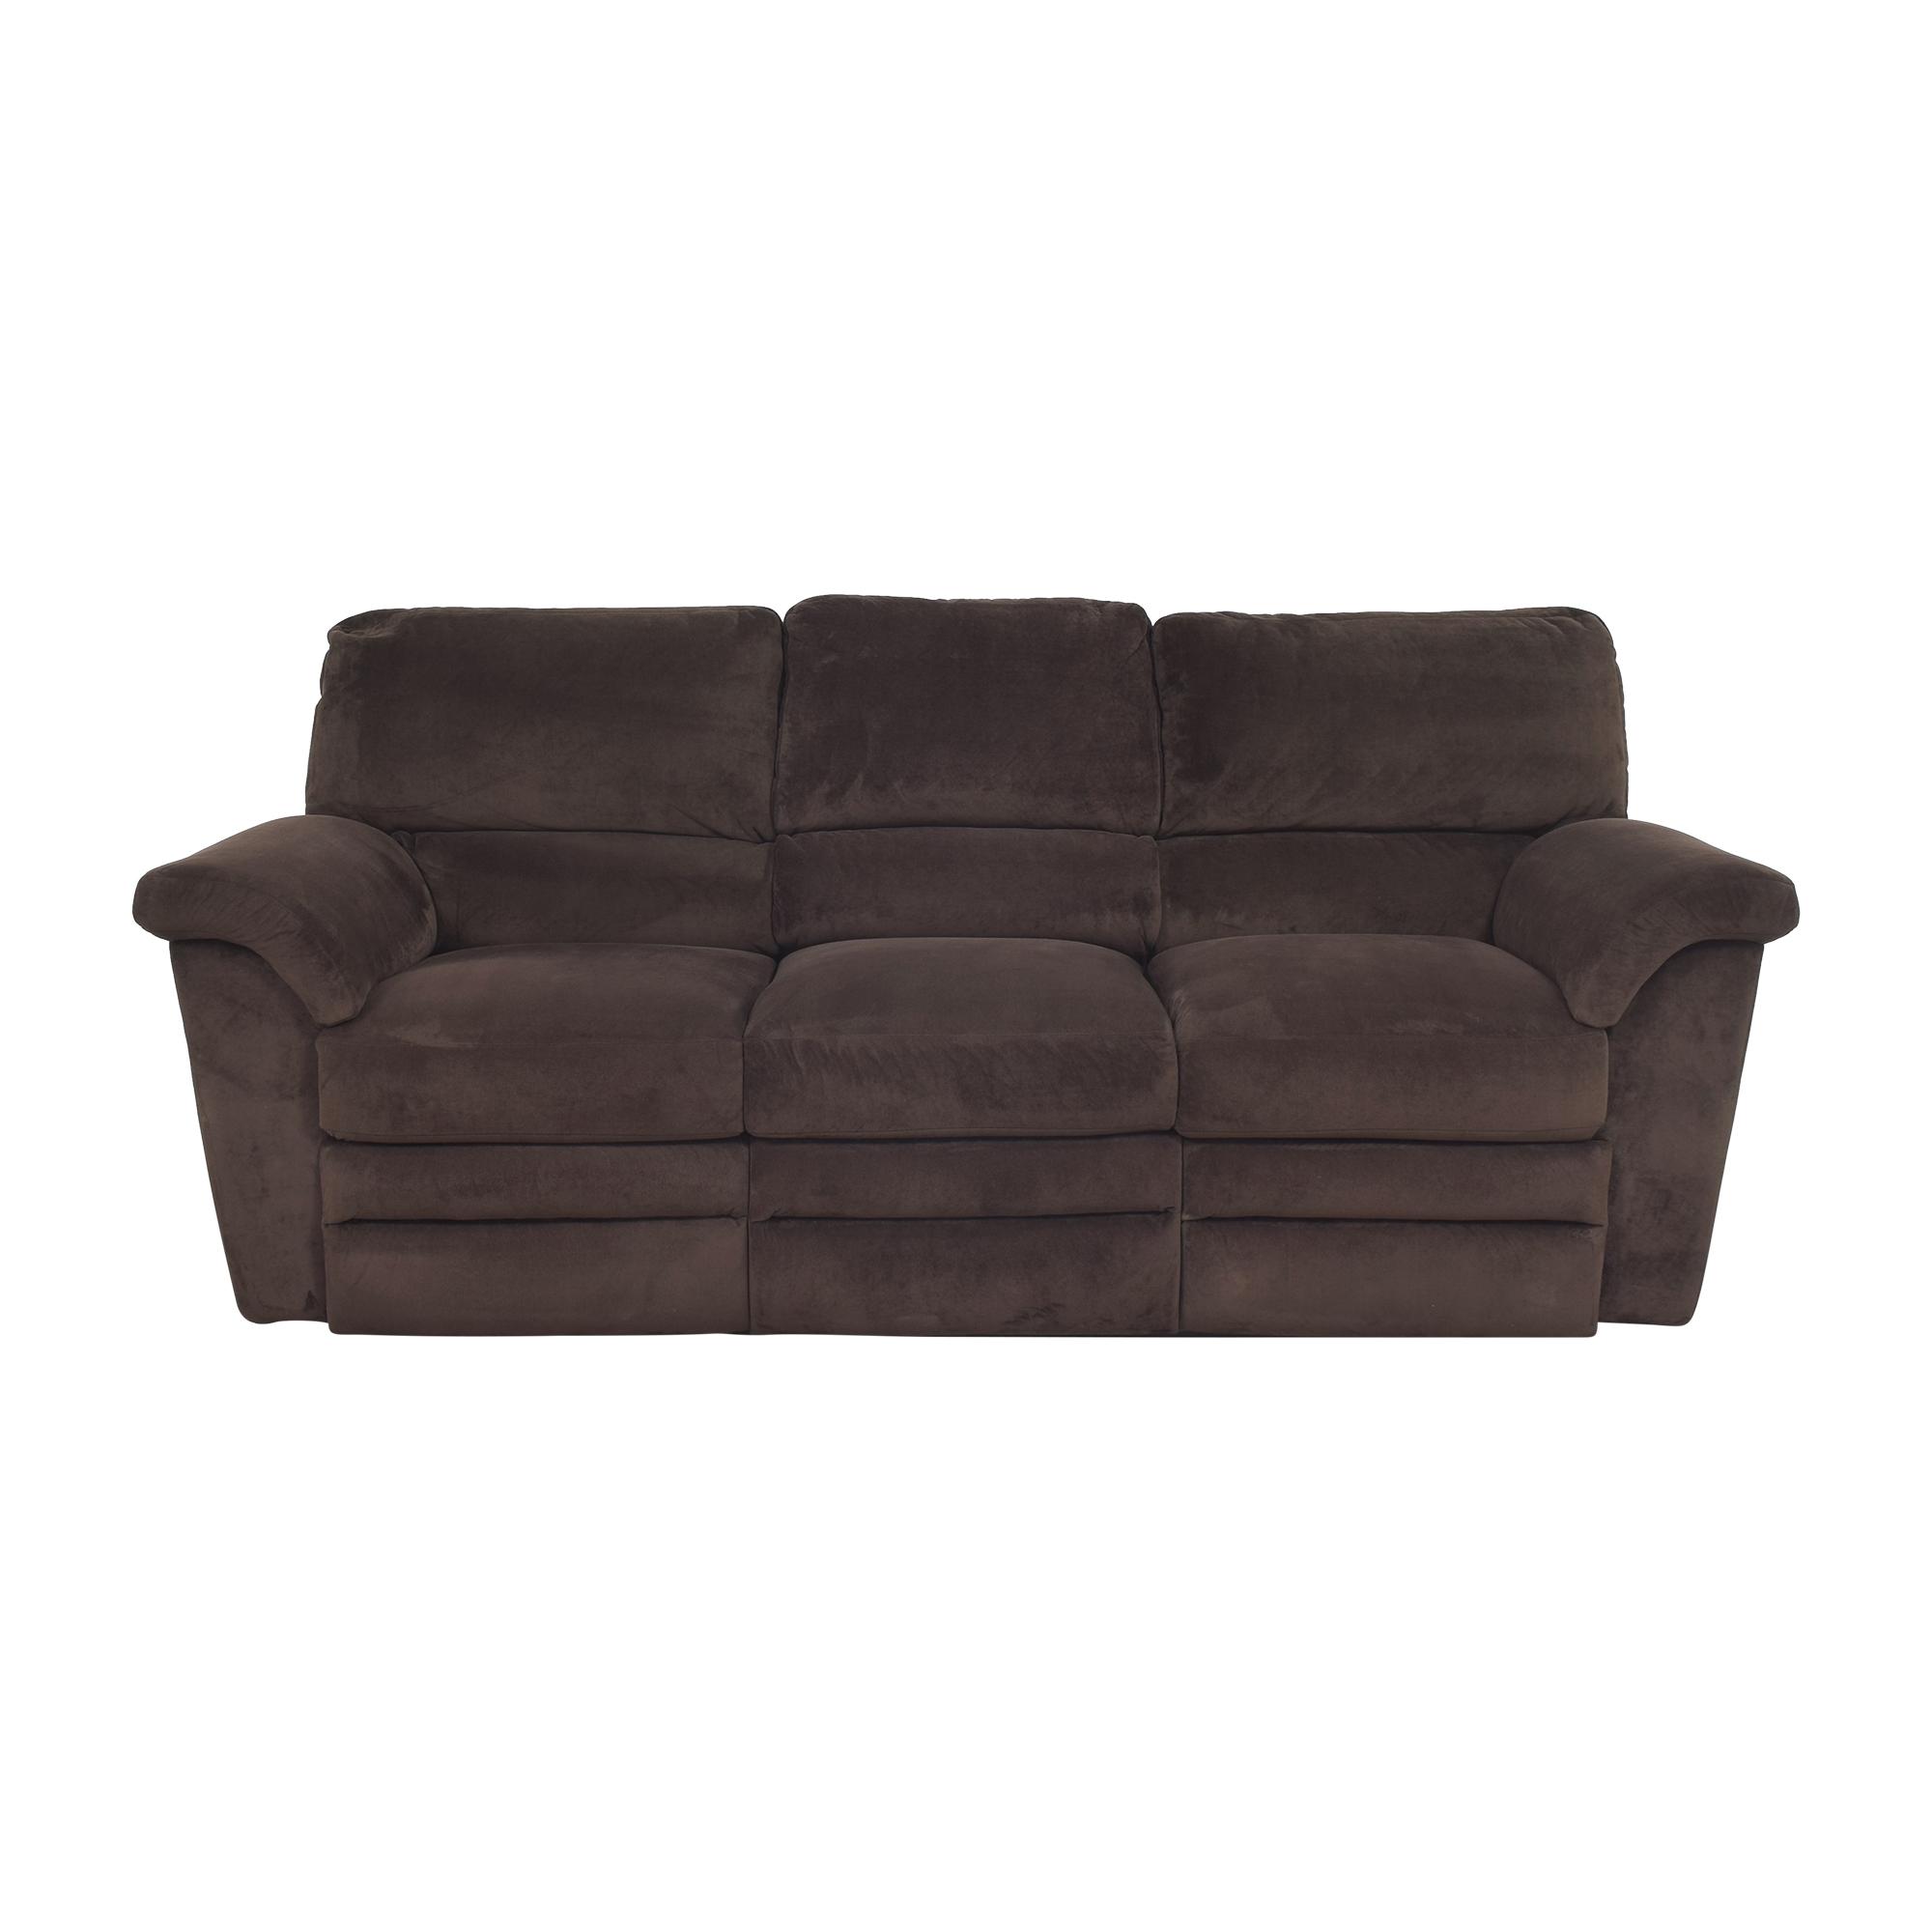 La-Z-Boy La-Z-Boy Reclining Three Cushion Sofa ct